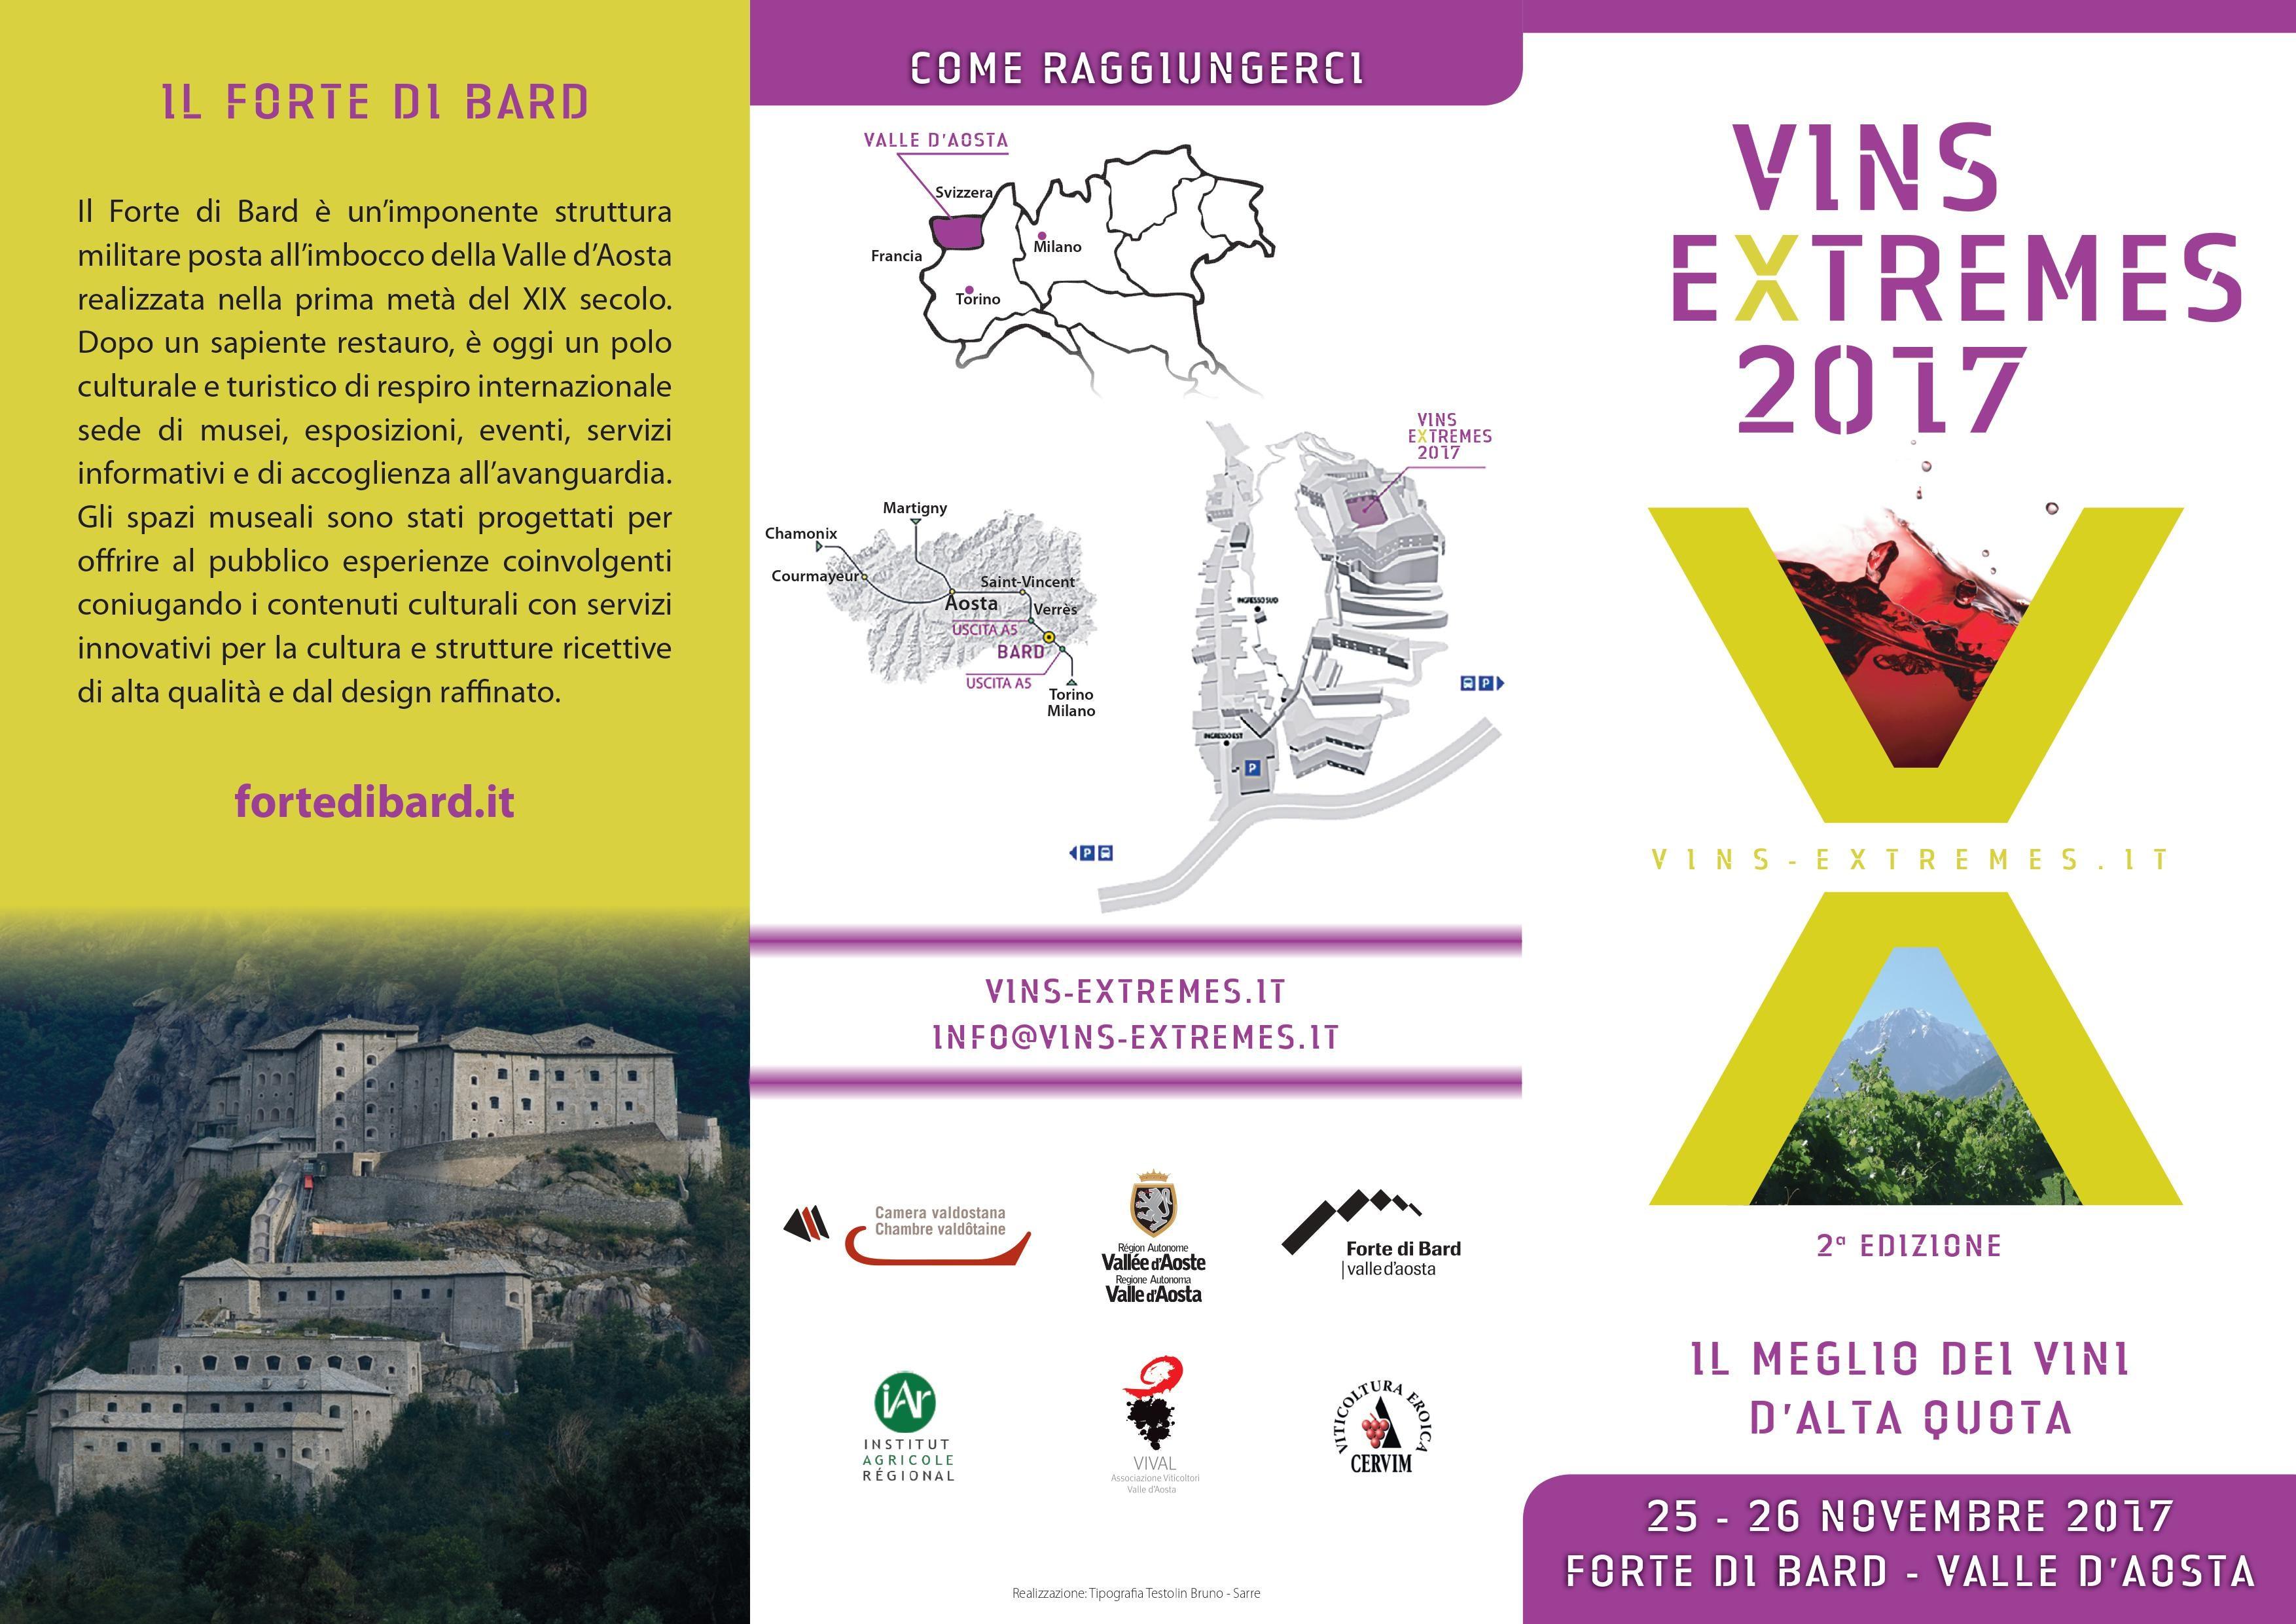 VINS EXTREMES 2017 – IL MEGLIO DEI VINI D' ALTA QUOTA -25/26 NOVEMBRE